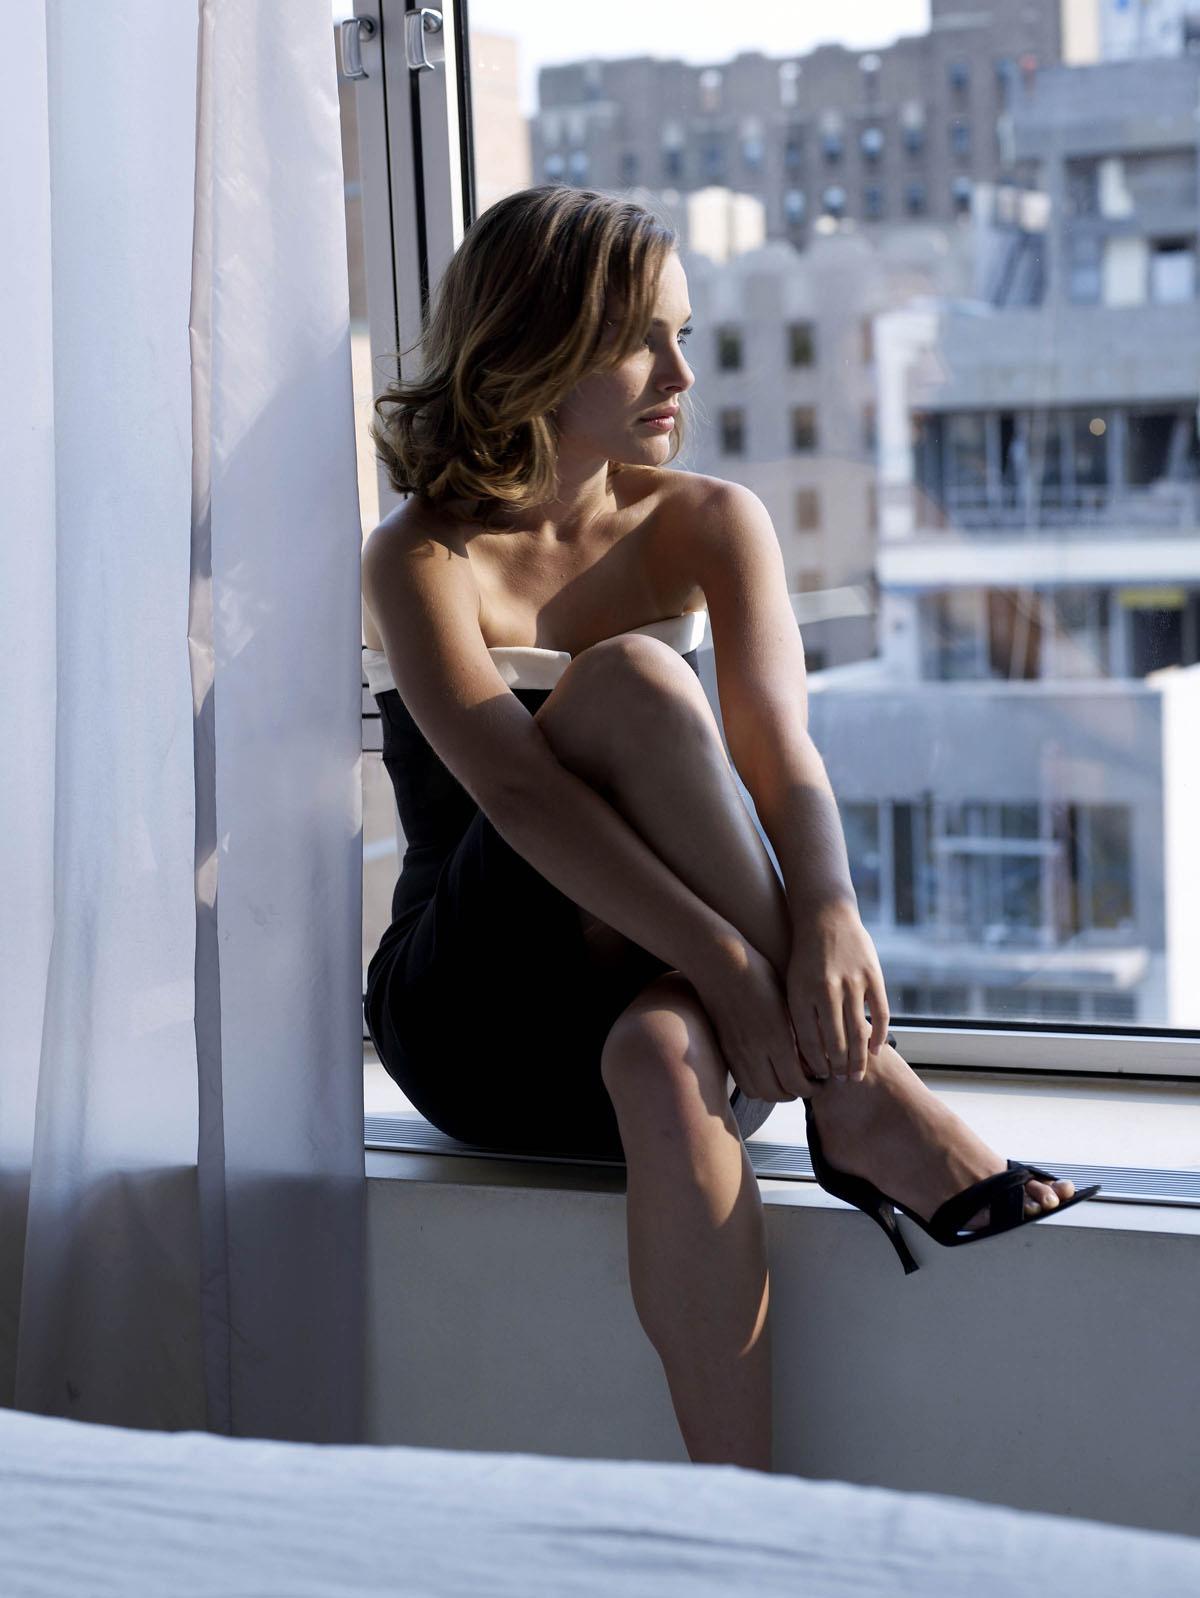 Натали Портман Ножки Фото